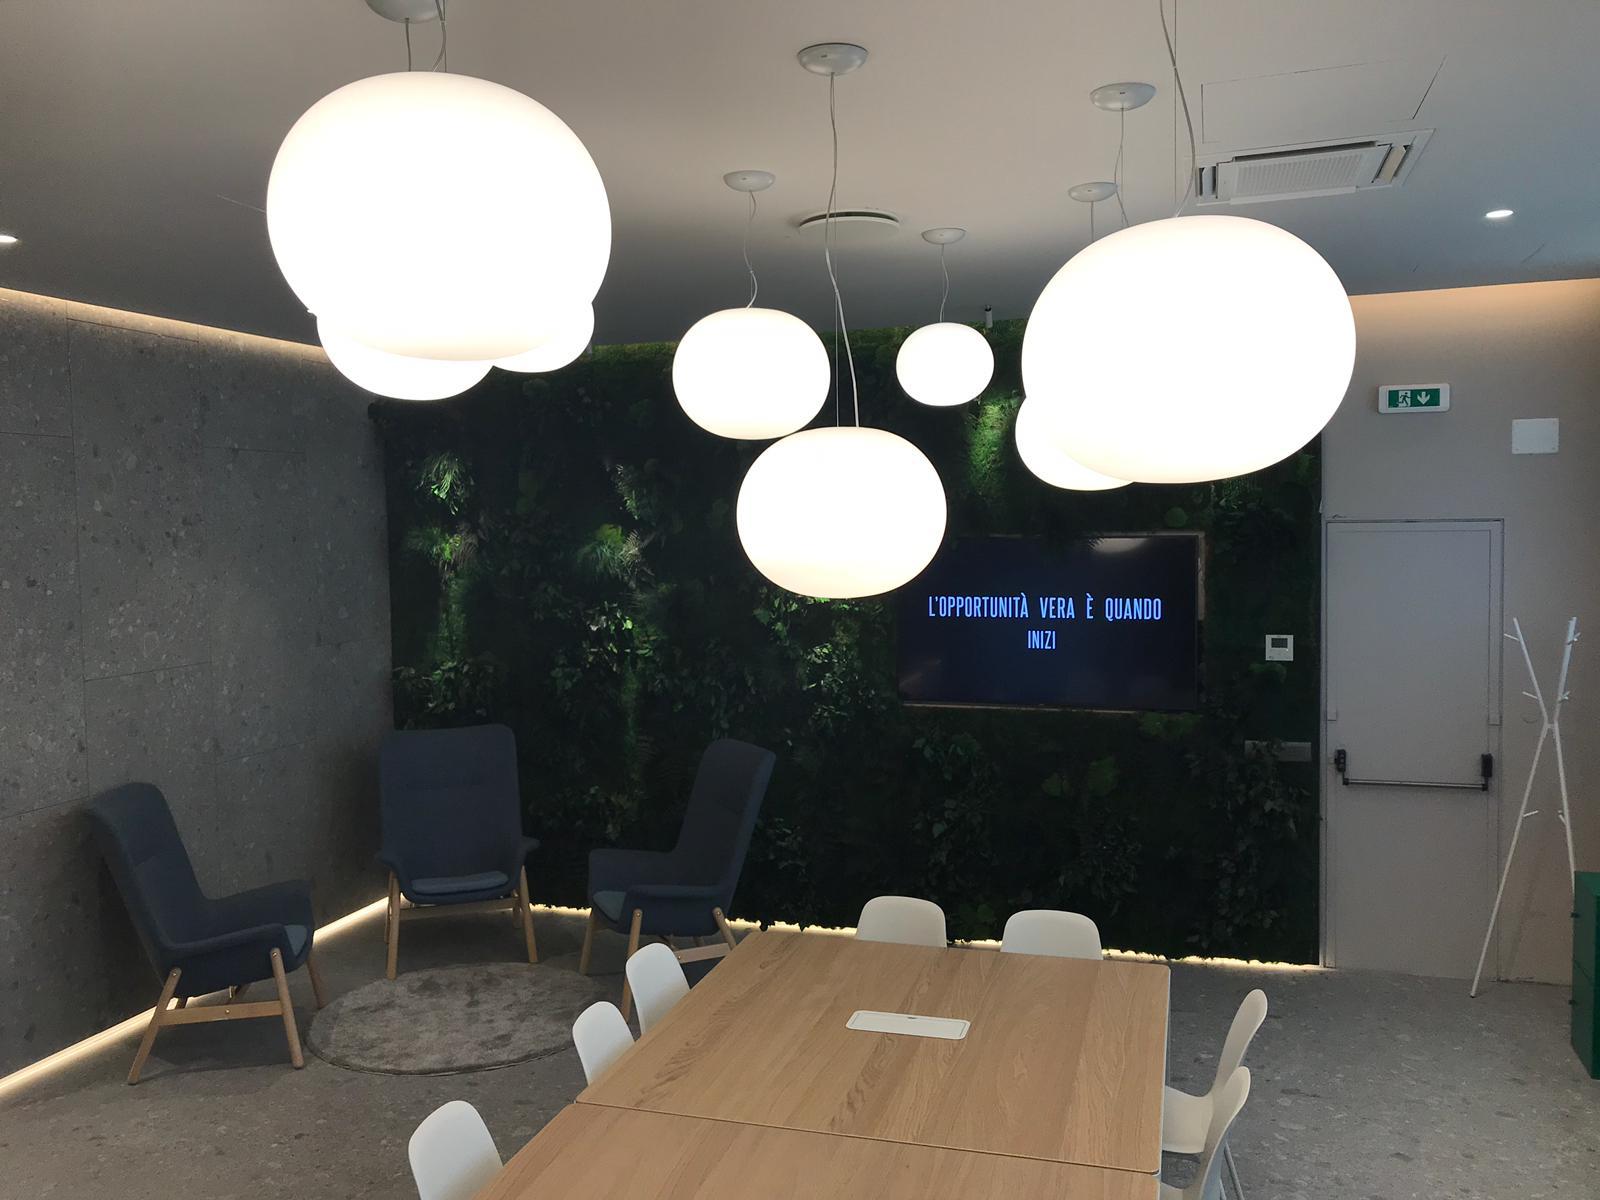 Lavoro Design Interni Milano.Scuola Futuro Lavoro E Realta Scuola Futuro Lavoro